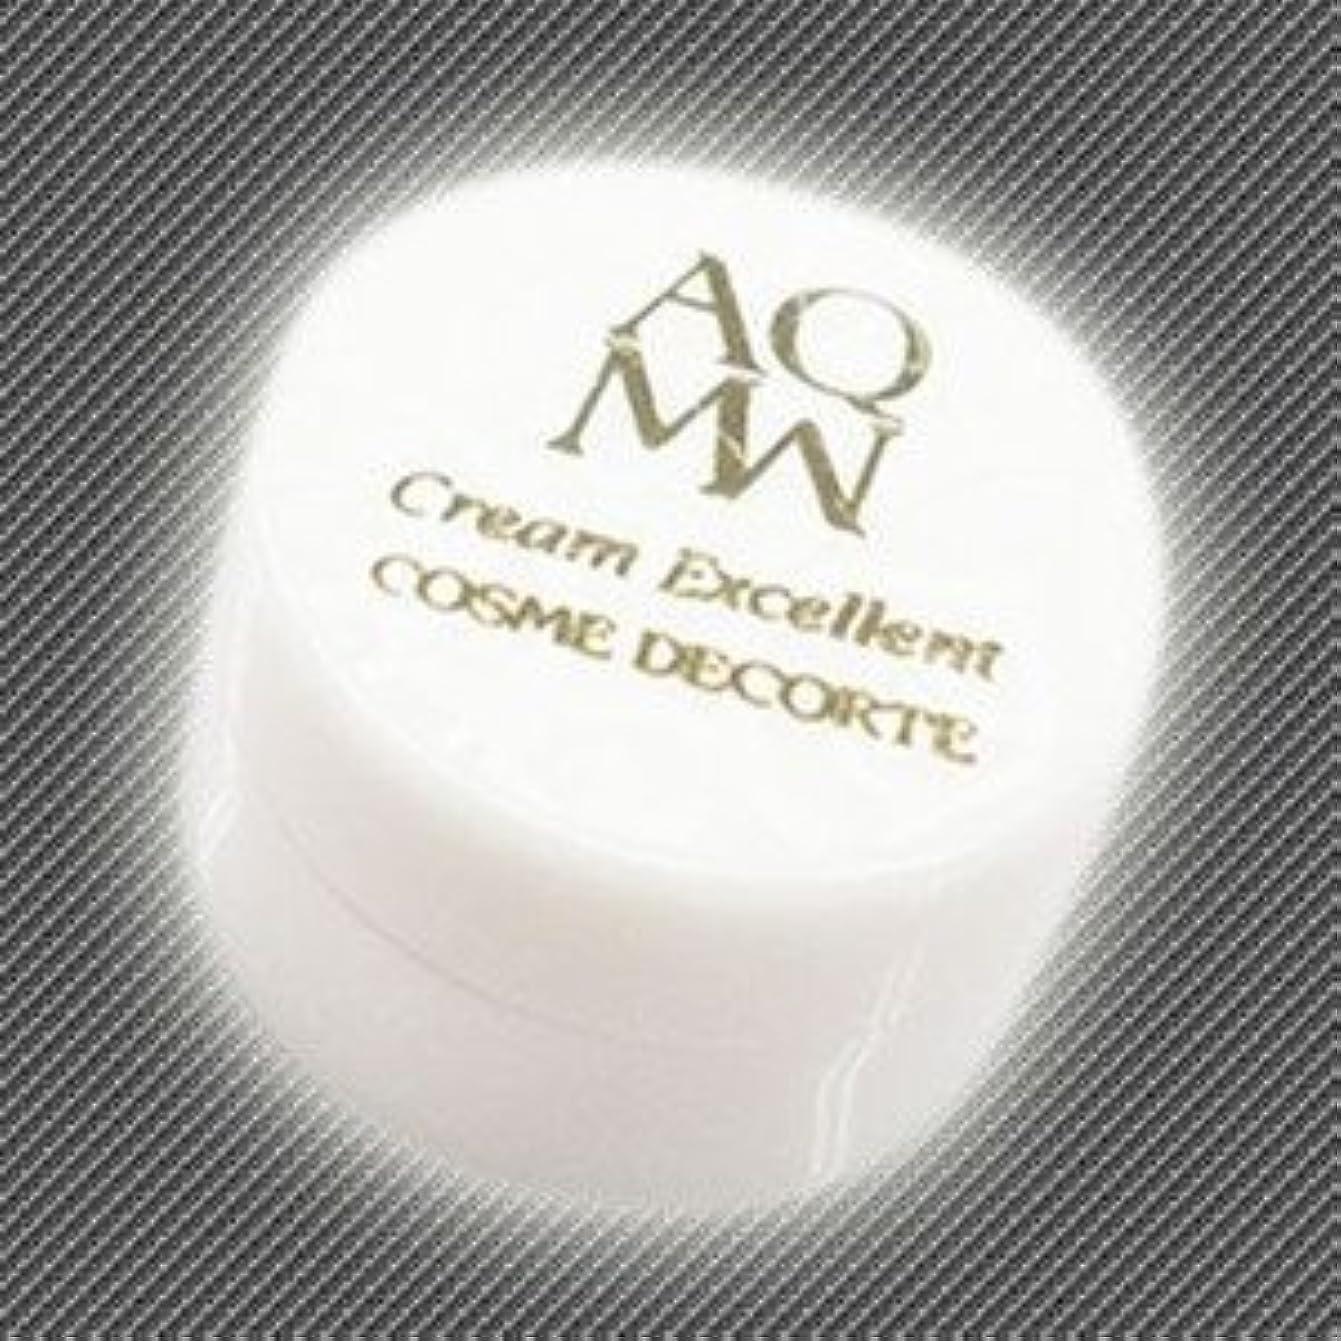 受益者エリート曲線コスメデコルテ AQ MW クリームエクセレント 2.4ml(ミニ)